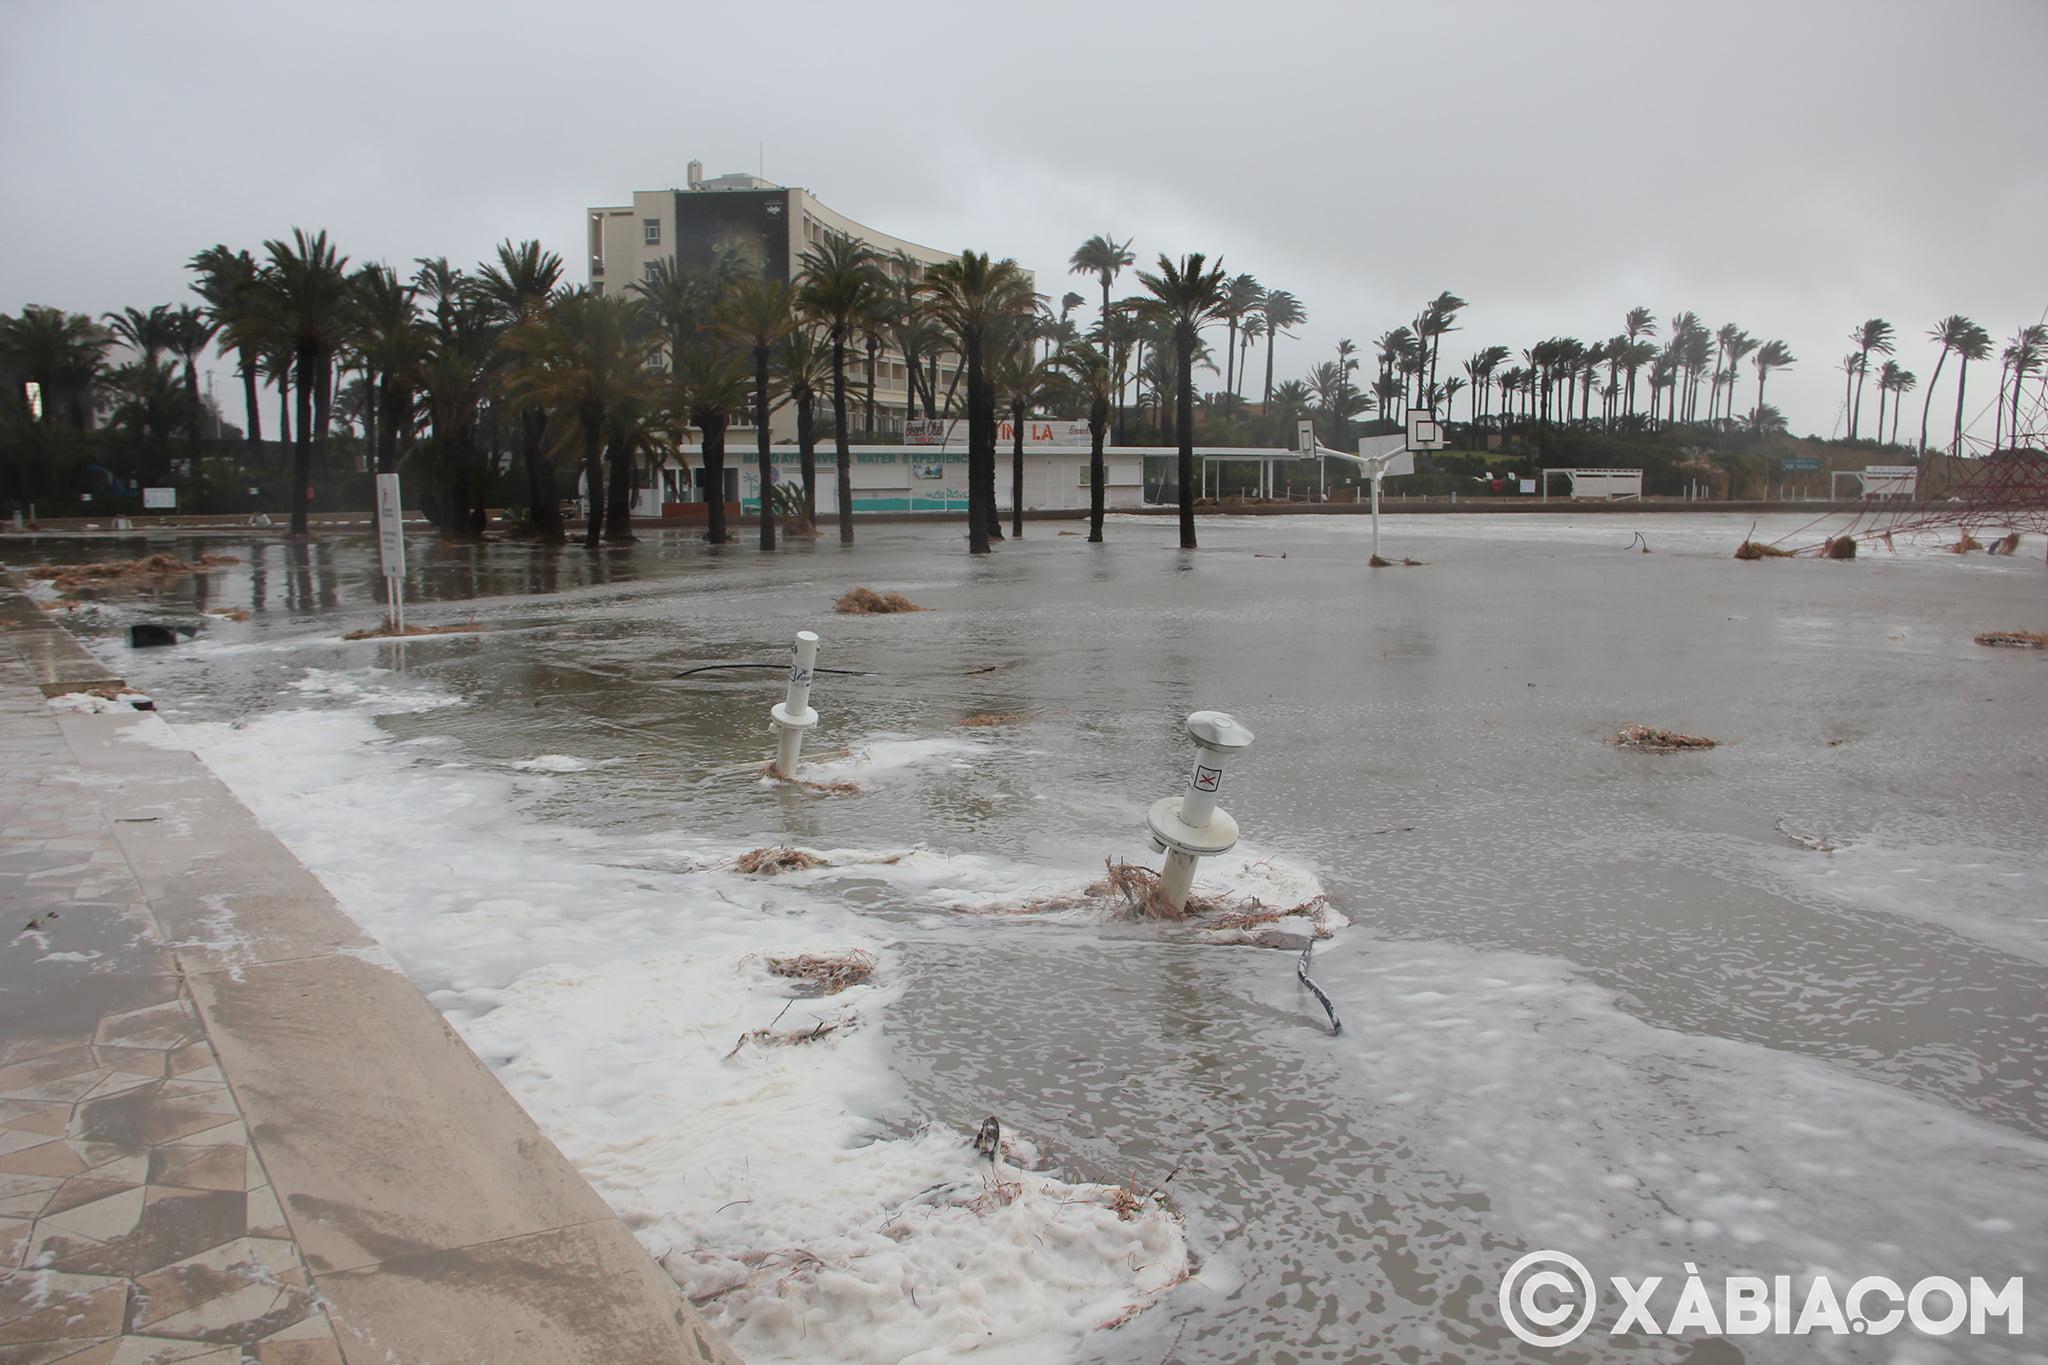 Brandelli di pioggia, vento e mare in Xàbia (37)